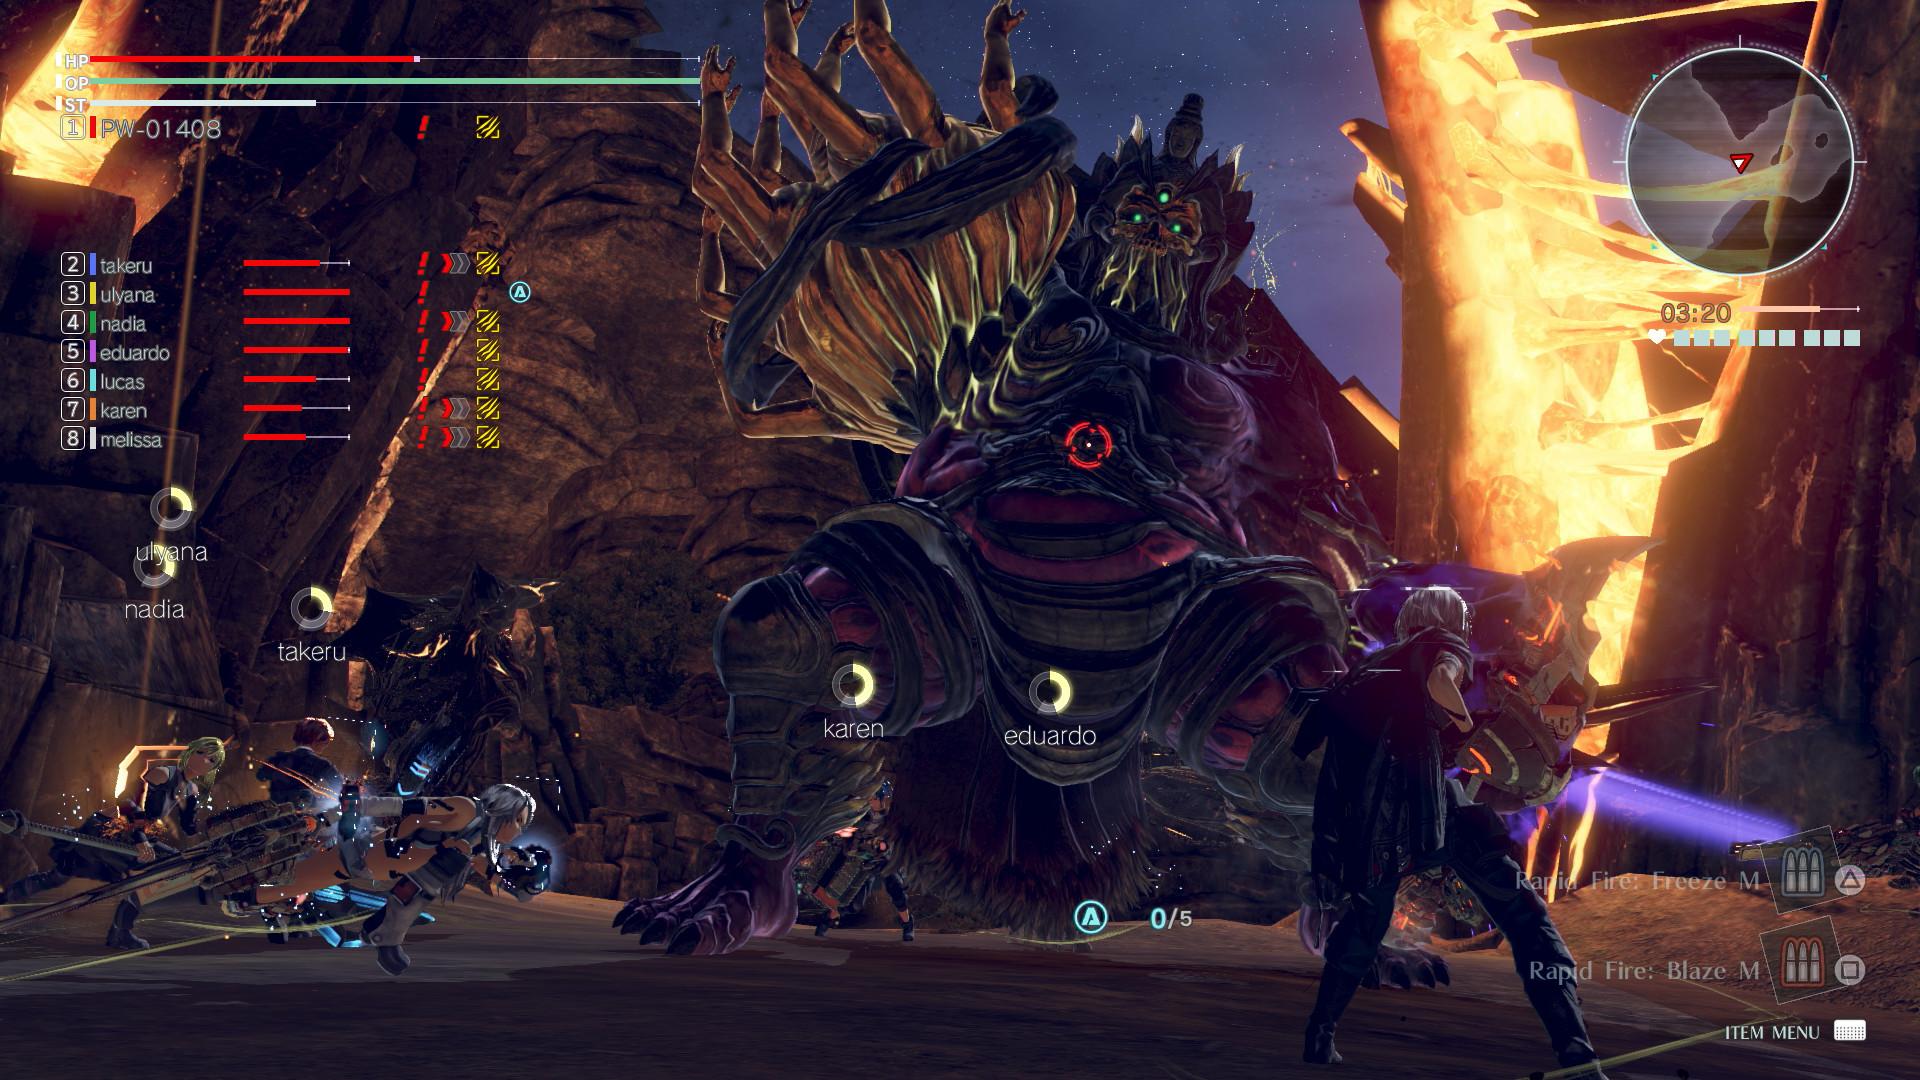 最新好玩单机游戏 噬神者3破解版 PC单机版免费玩 破解版单机游戏单机版百度网盘下载